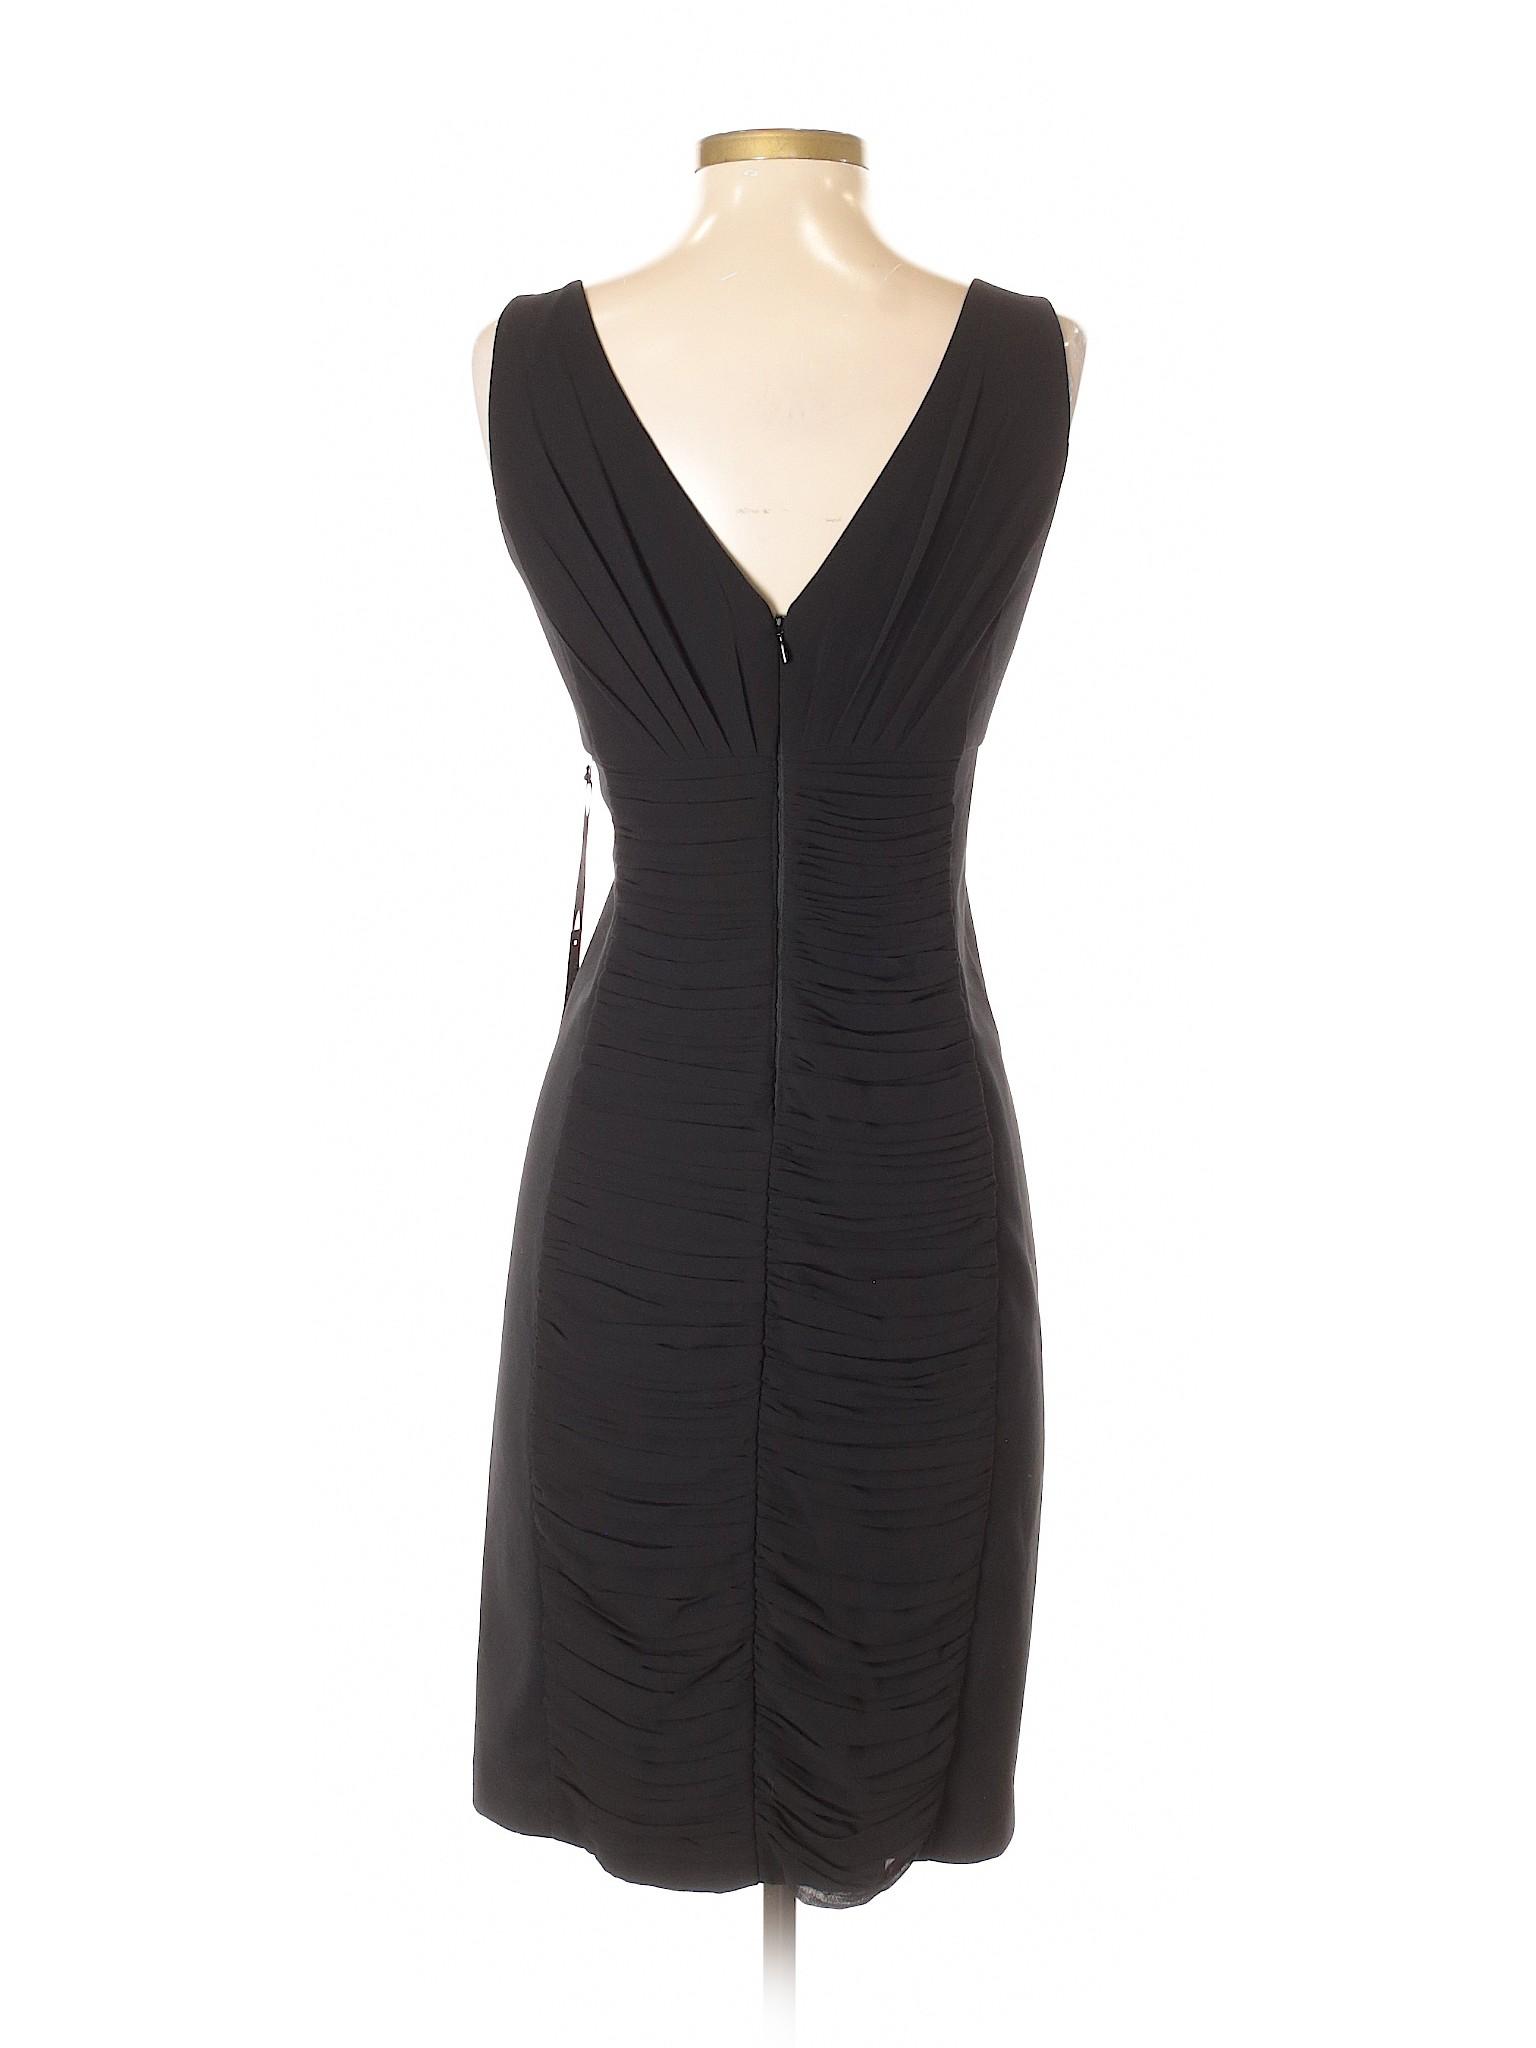 Black Cocktail White House winter Dress Market Boutique wx7X1tCqqZ